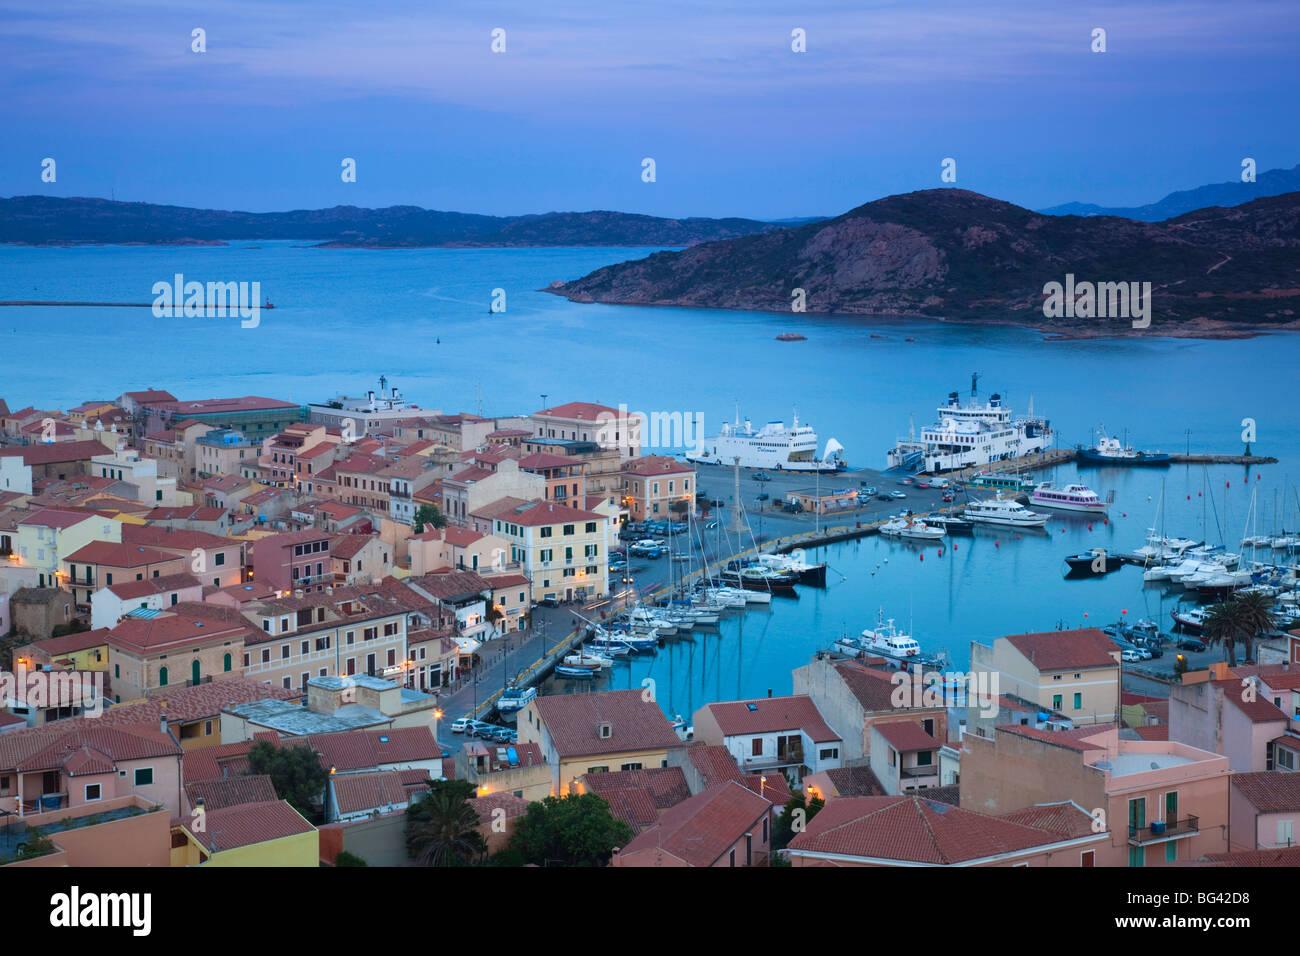 Italy, Sardinia, Northern Sardinia, Isola Maddalena, La Maddalena, aerial port view from the hills, dusk - Stock Image